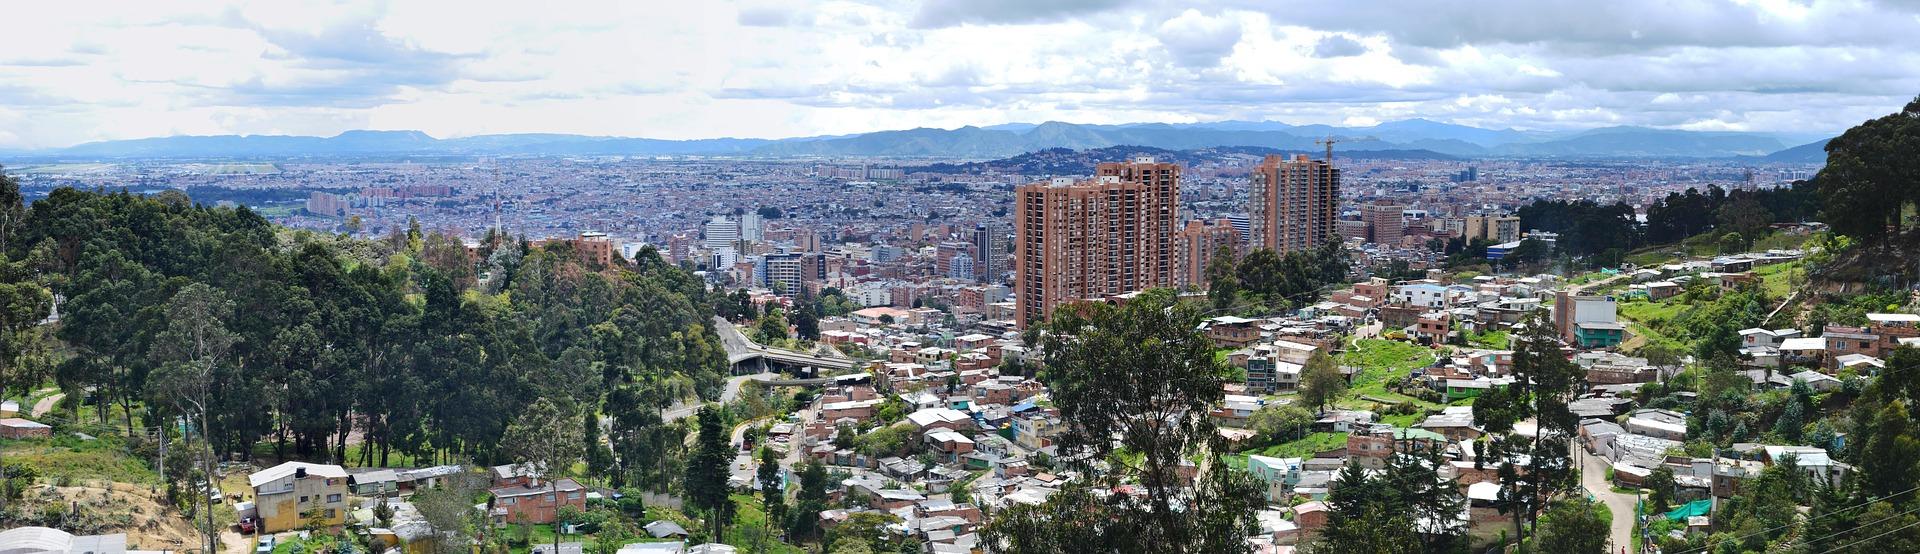 Für 479,00€ nach Kolumbien Städtereise nach Bogota in Südamerika